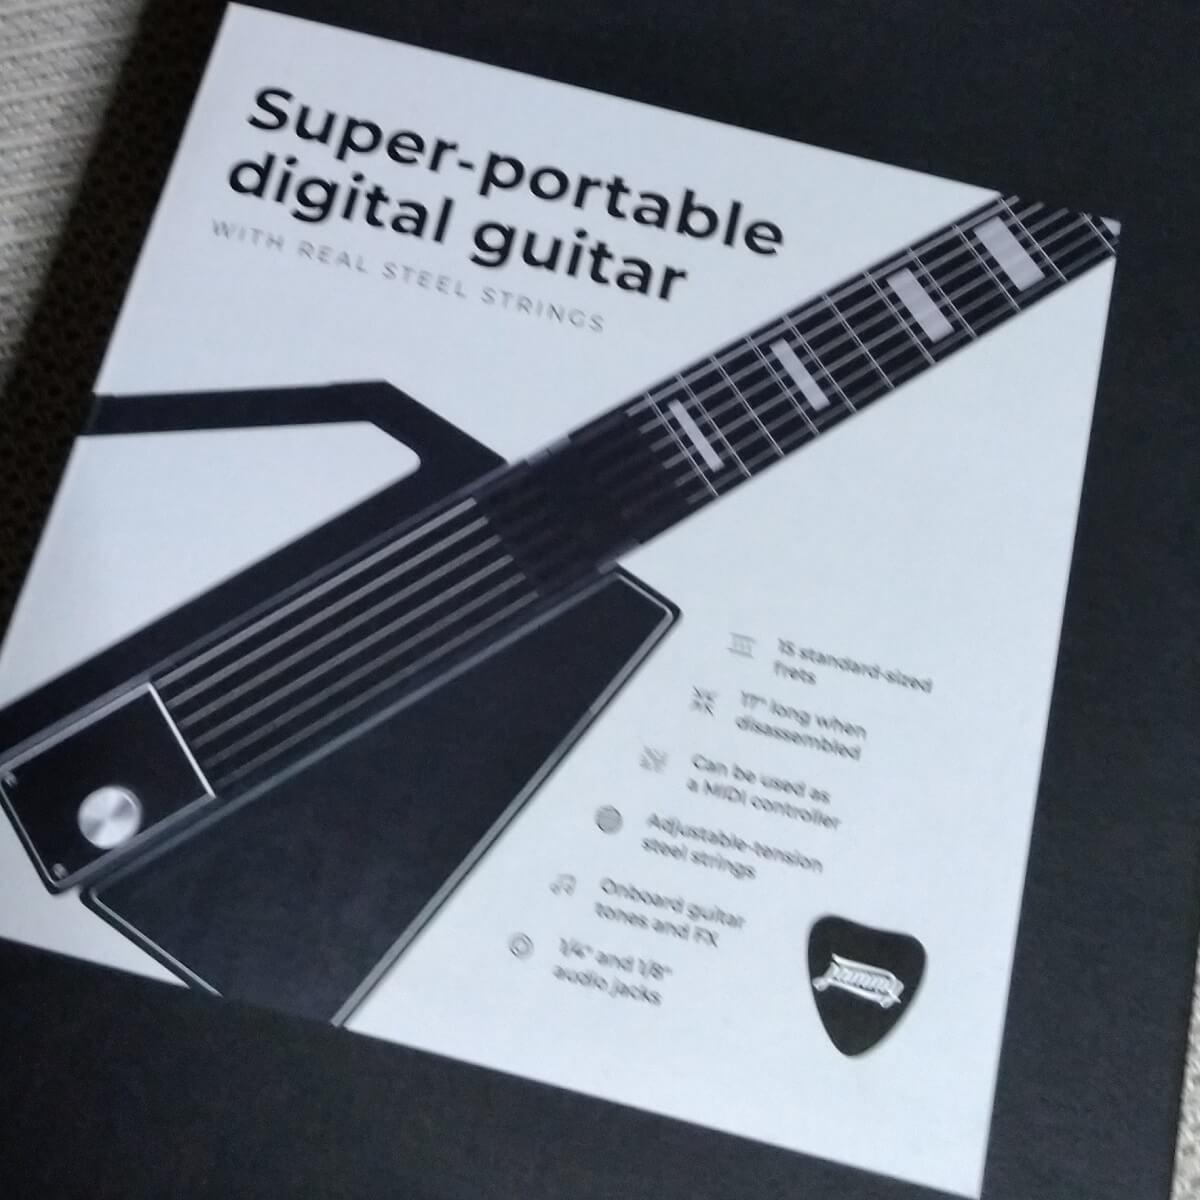 Jammyギターの箱の写真。